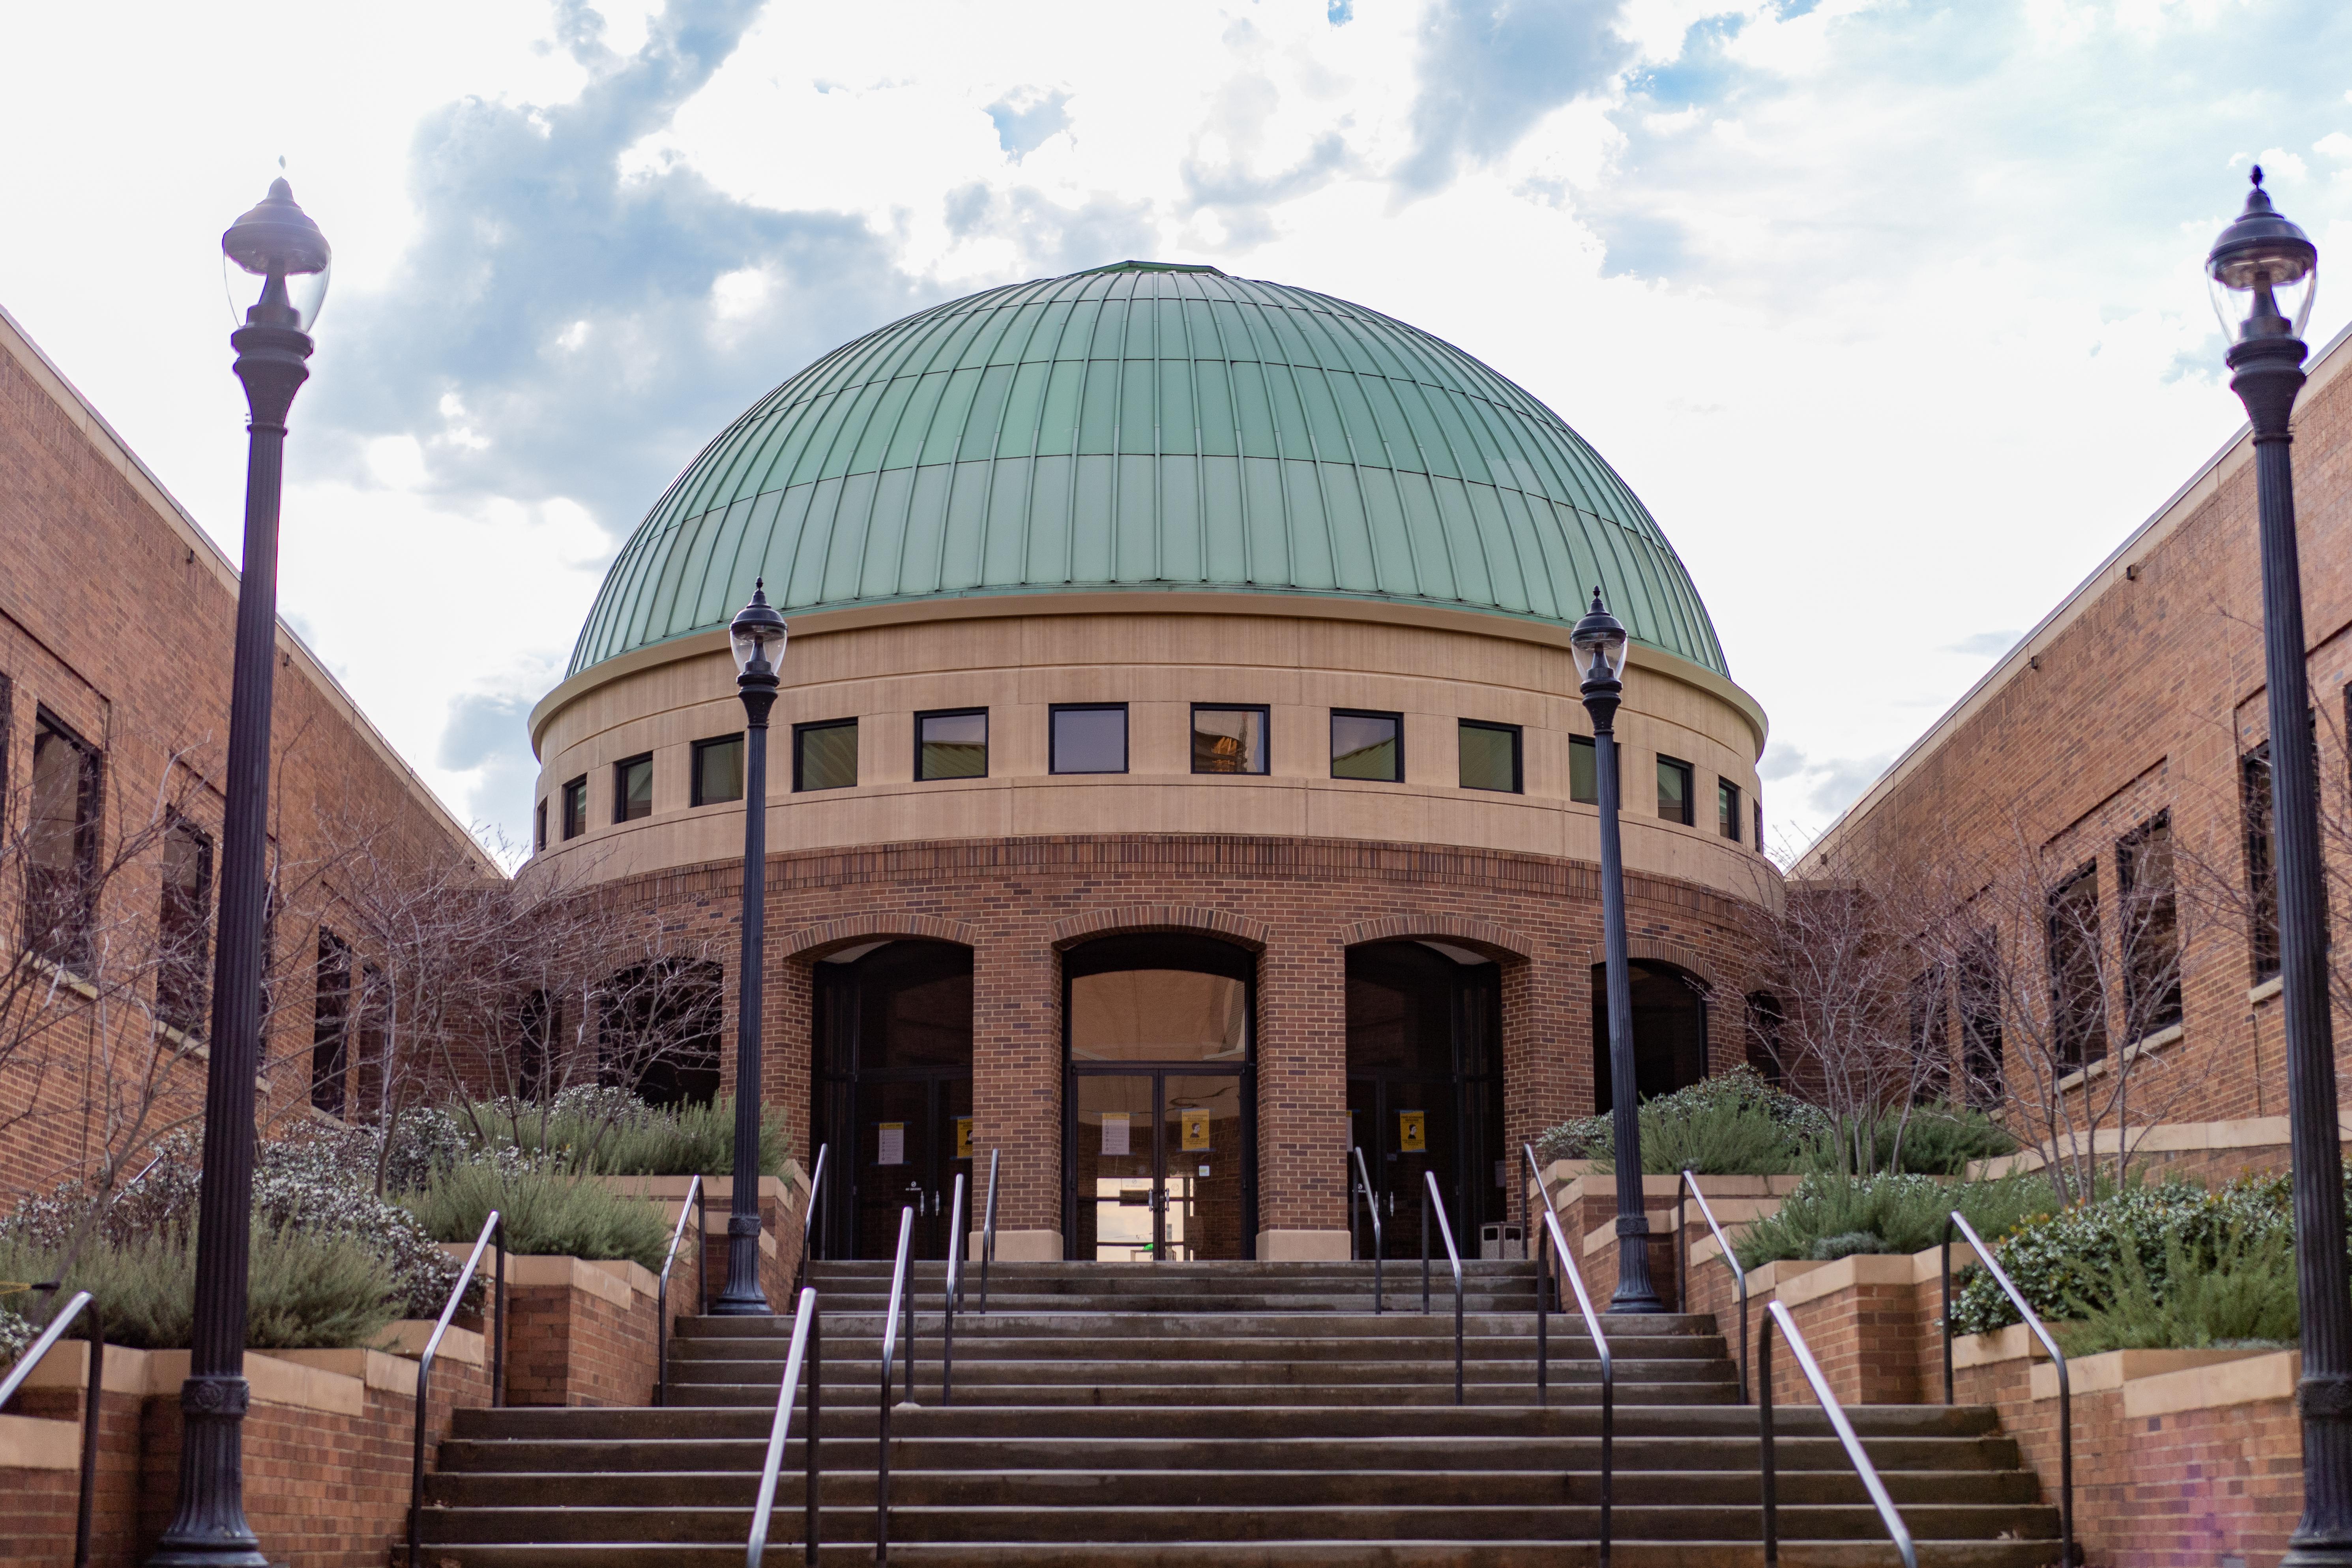 Birmingham Civil Rights Institute Dome Rails 4